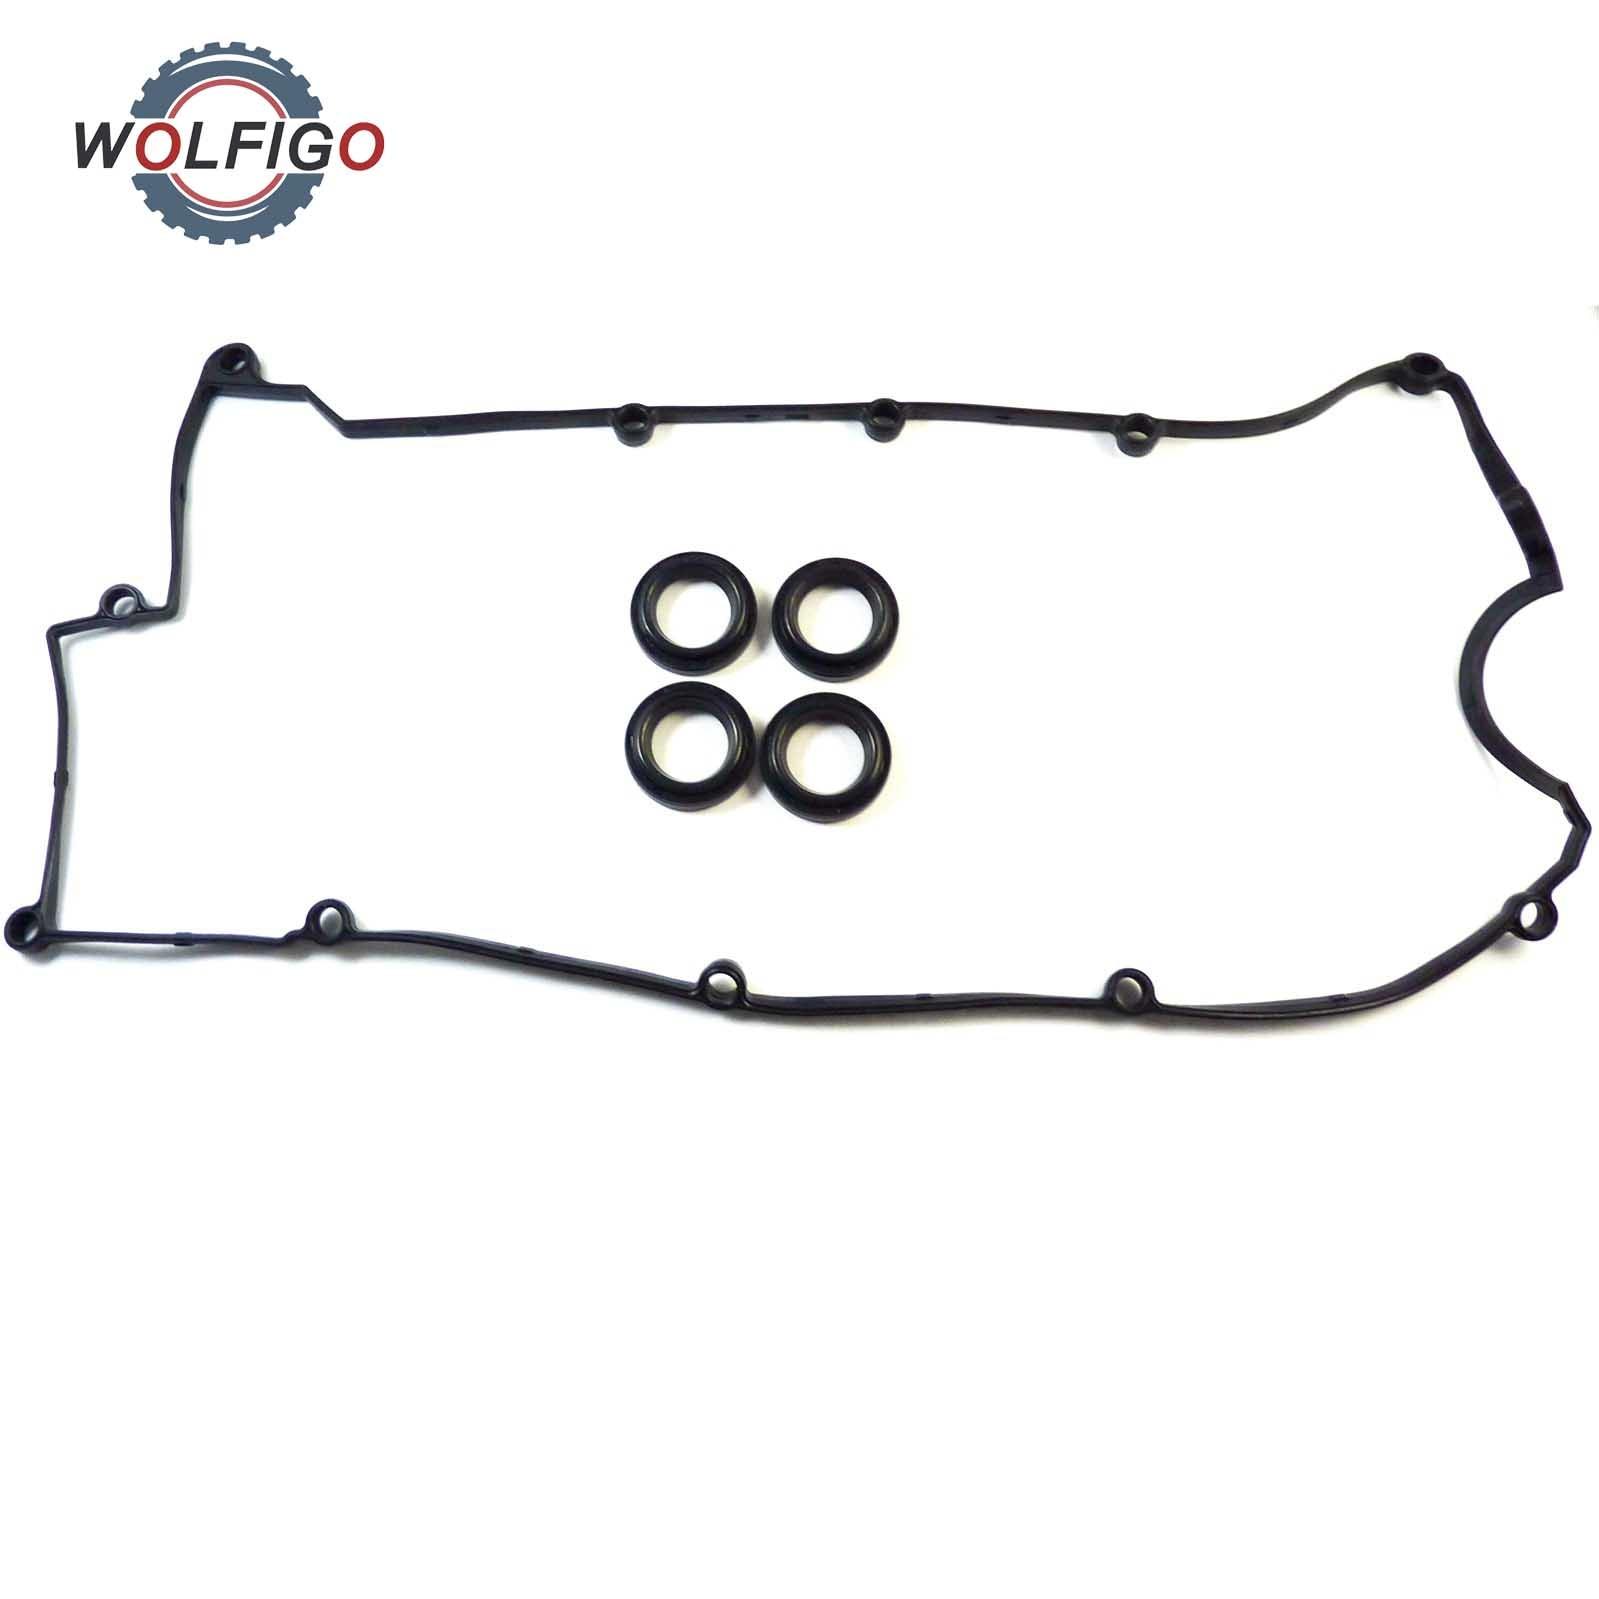 WOLFIGO Valve Cover Gasket Set 22441 23800 VS50583R For